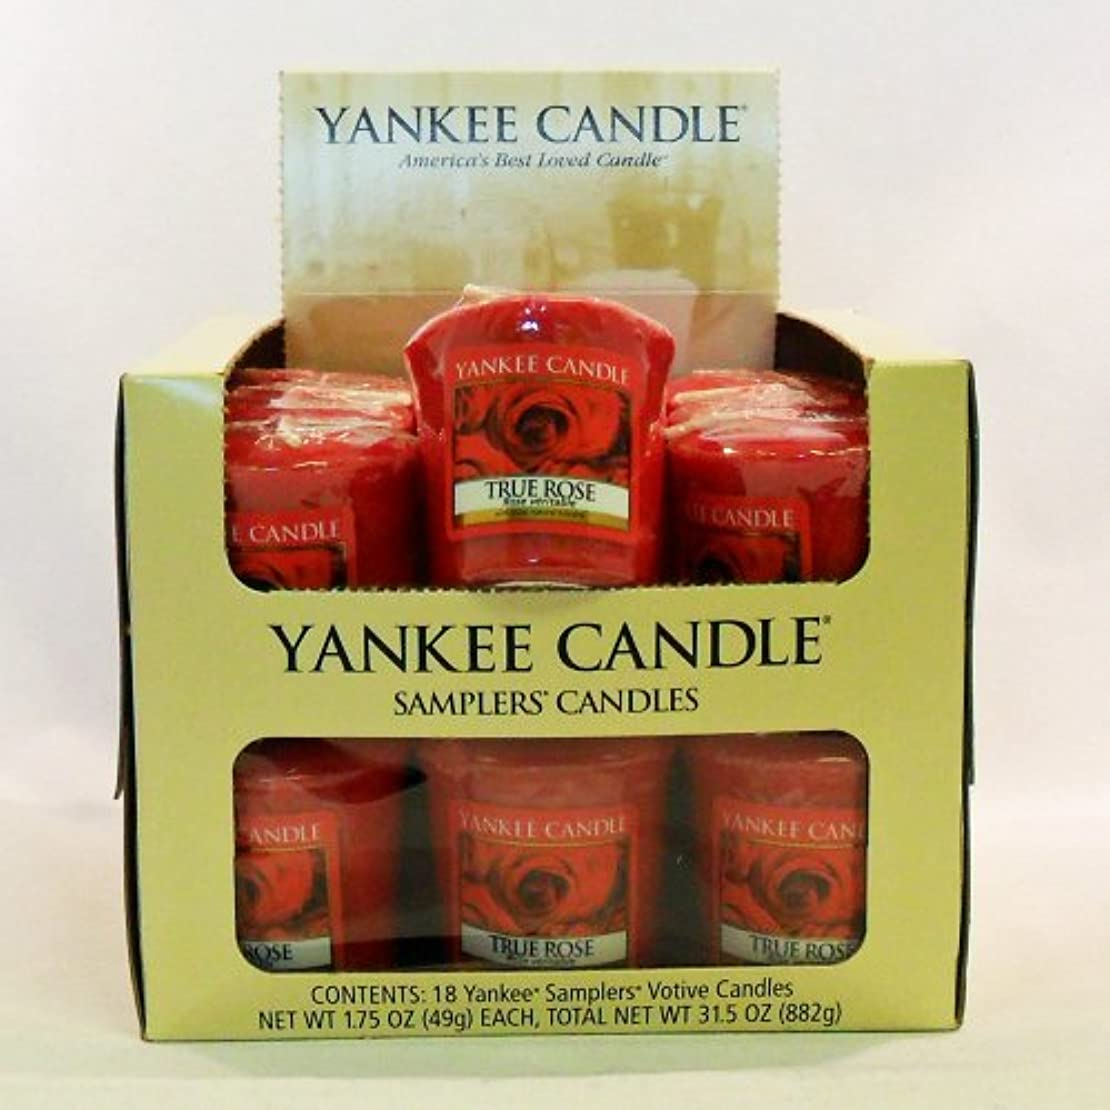 調和のとれたミサイル動かすYankee candle-18 X TrueローズVotiveサンプラーキャンドル – 新しい香りfor 2012 。